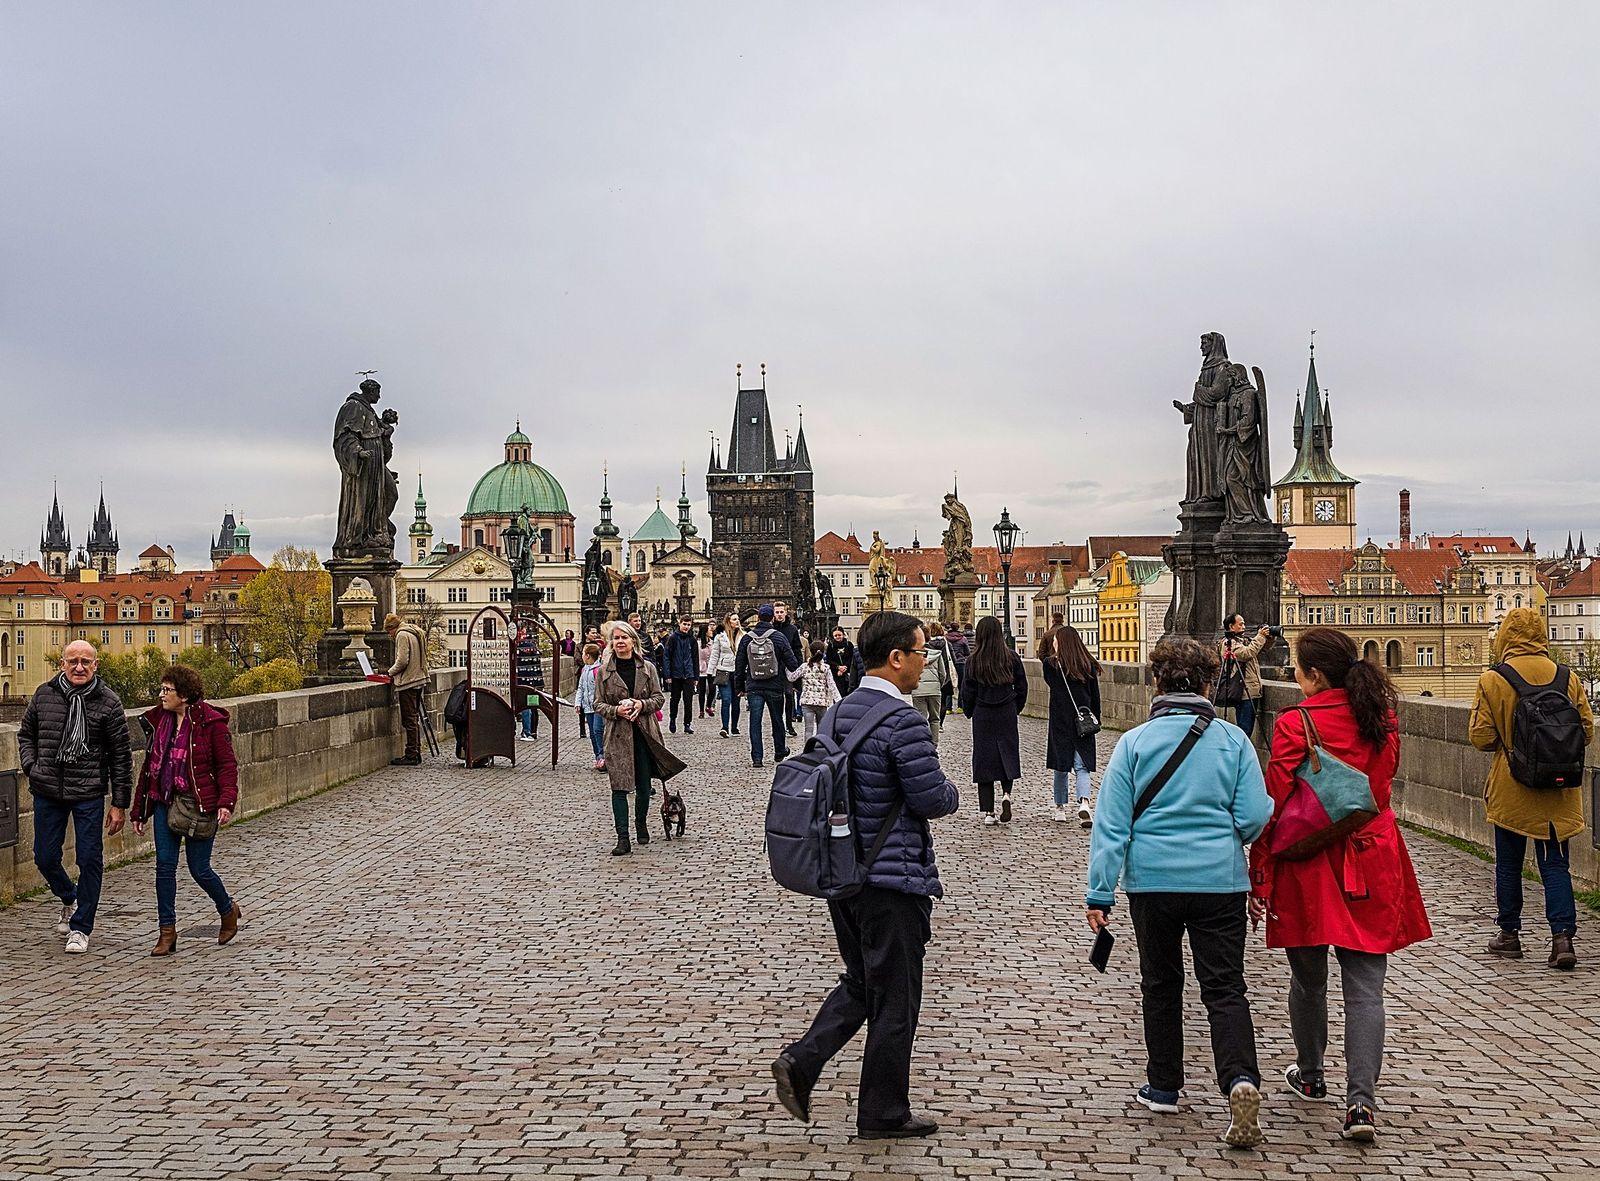 Passanten auf auf der Karlsbruecke in Prag mit Blick auf die Prager Altstadt. Reise, Prag, Tschechien, 2019, 04.11.2019,